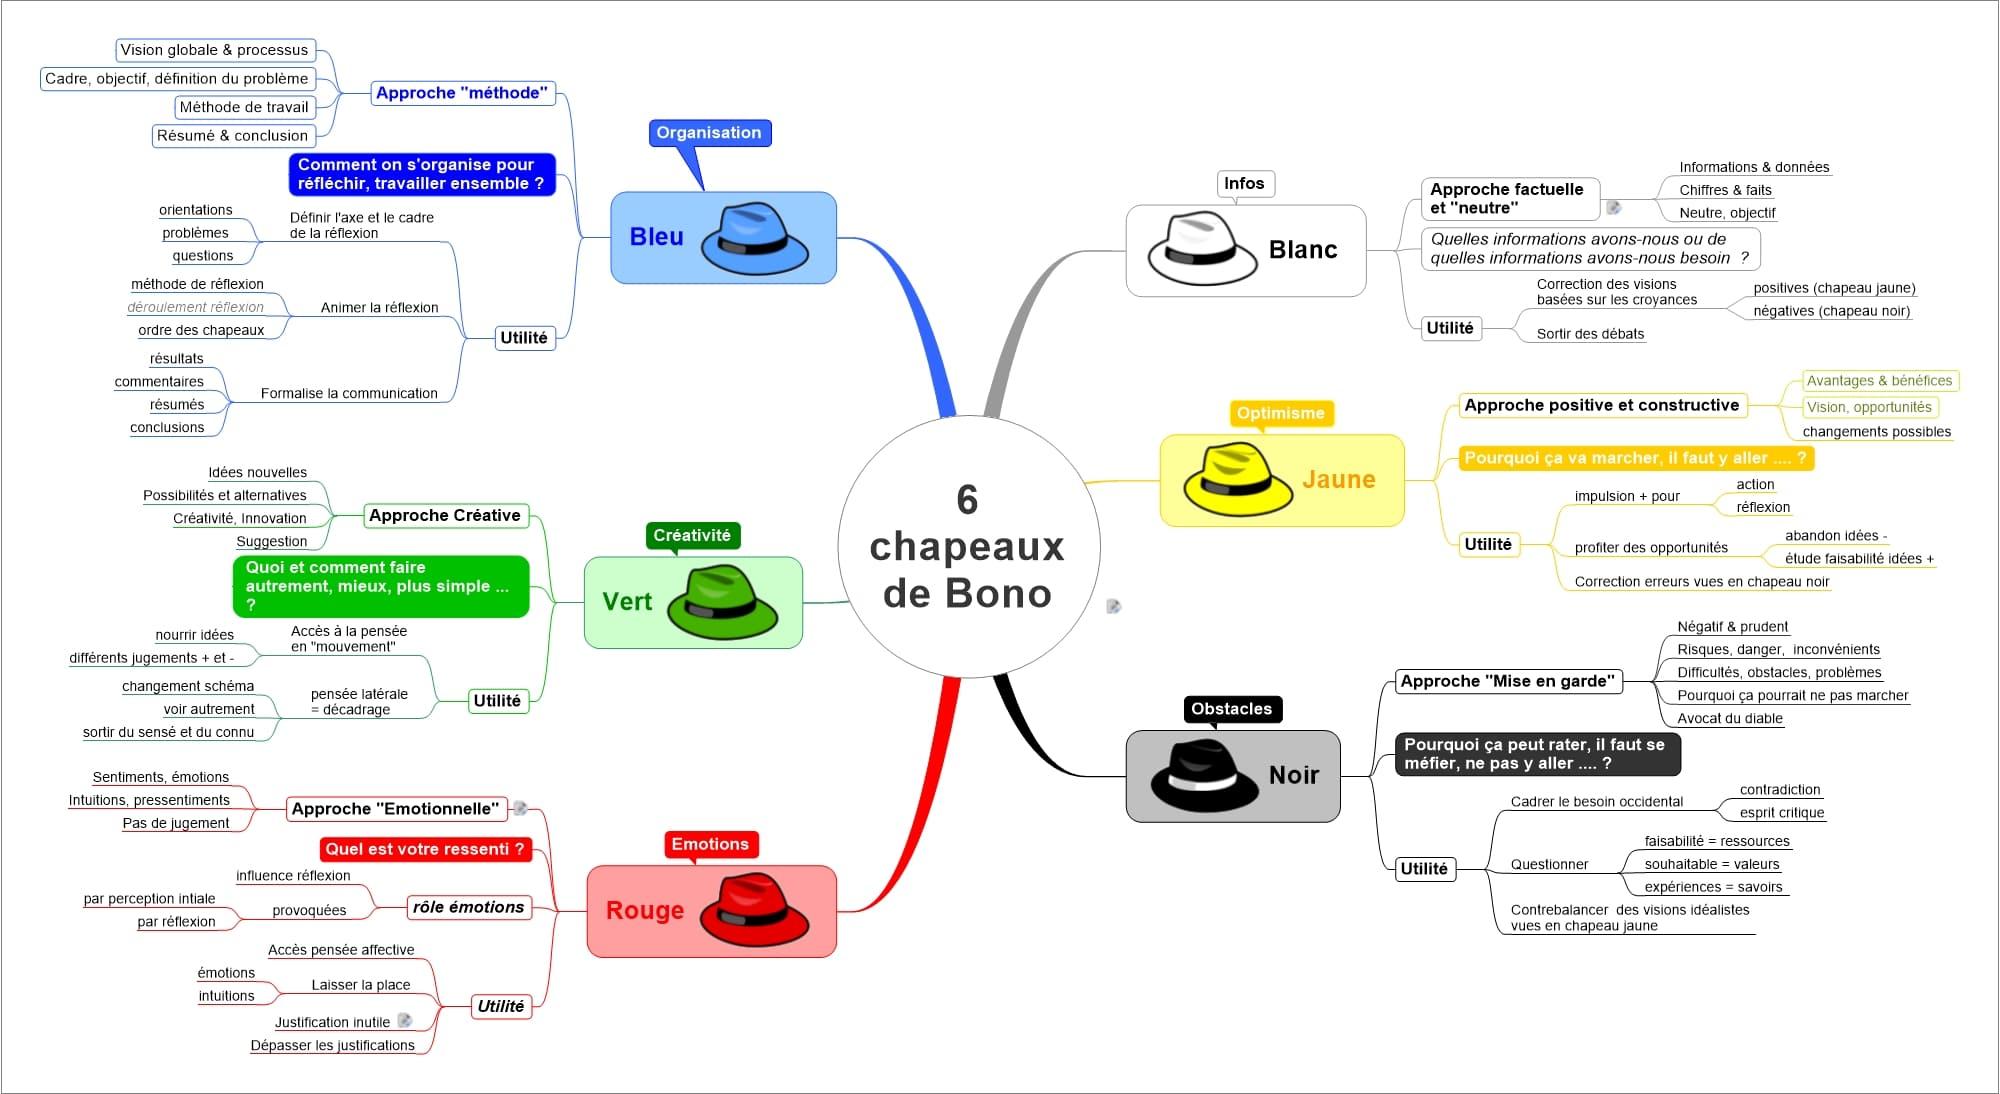 Matrice Créativité - 6 chapeaux BONO selon SIGNOS